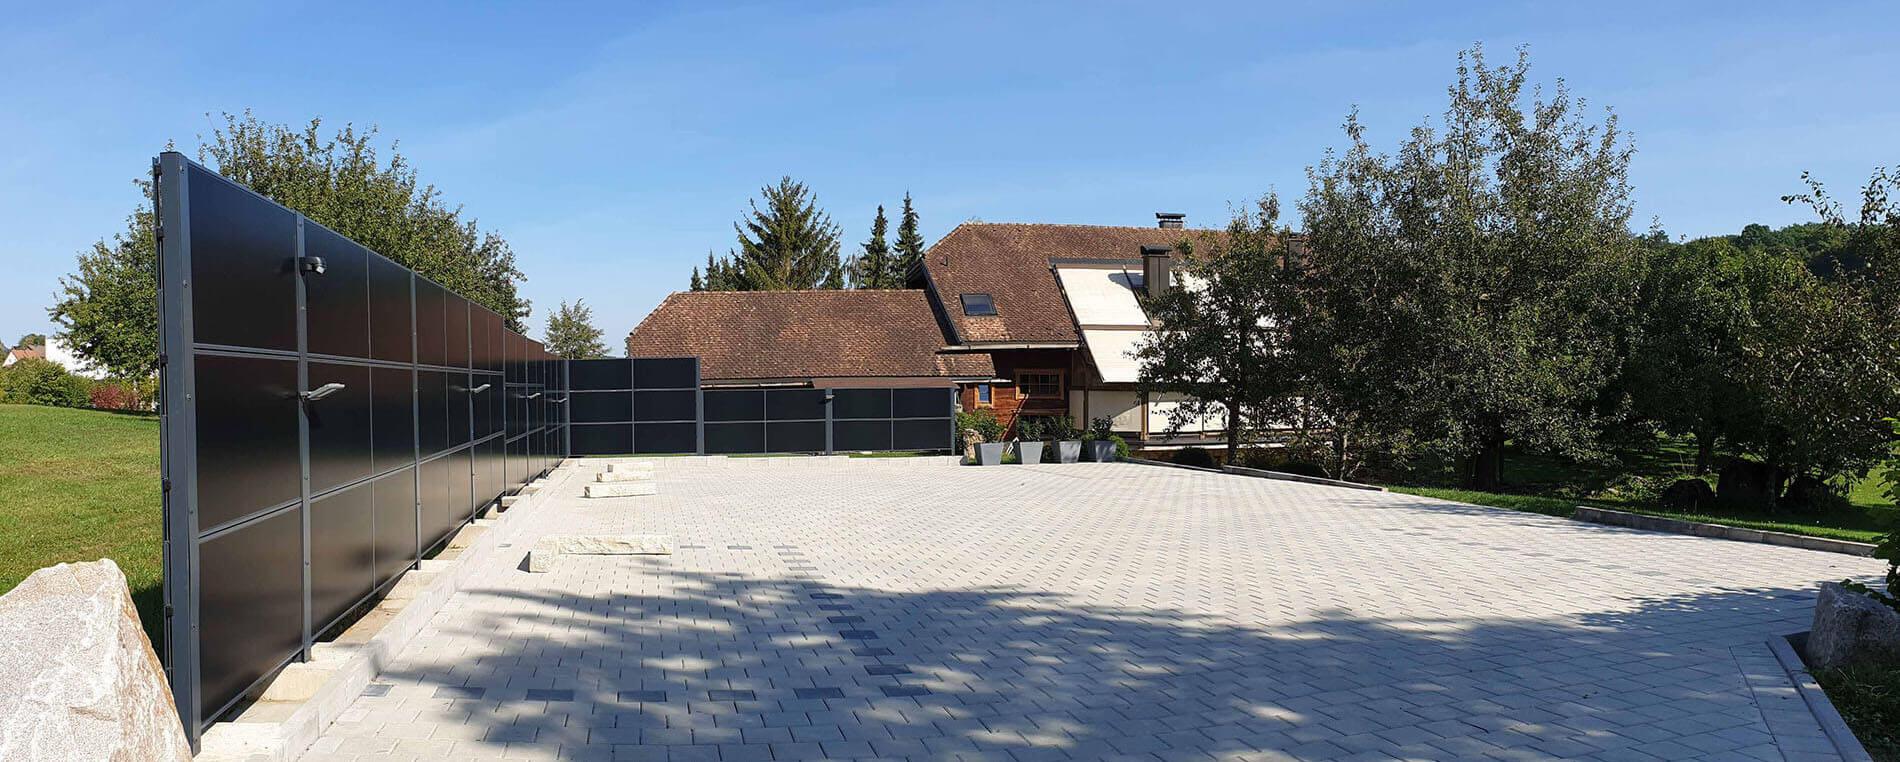 SolarZaun Referenz am Wohnhaus in Gechingen